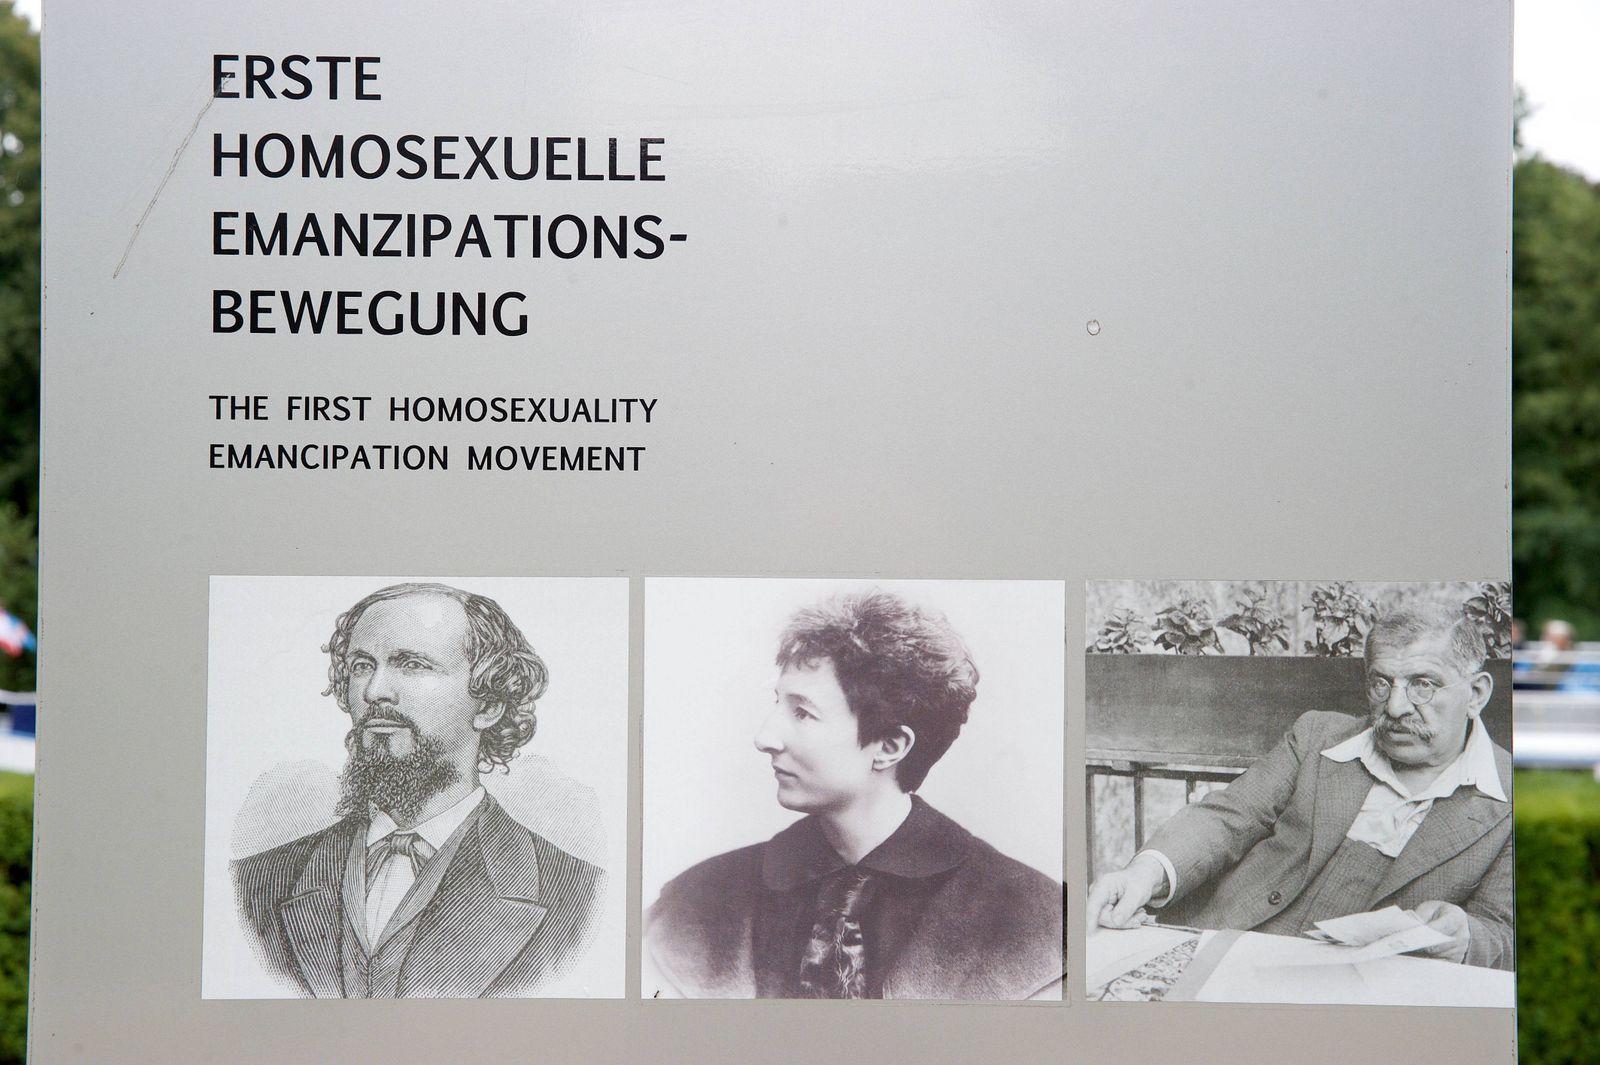 In Berlin erinnert seit Donnerstag 07 09 2017 ein Denkmal an den Begruender der ersten homosexuell